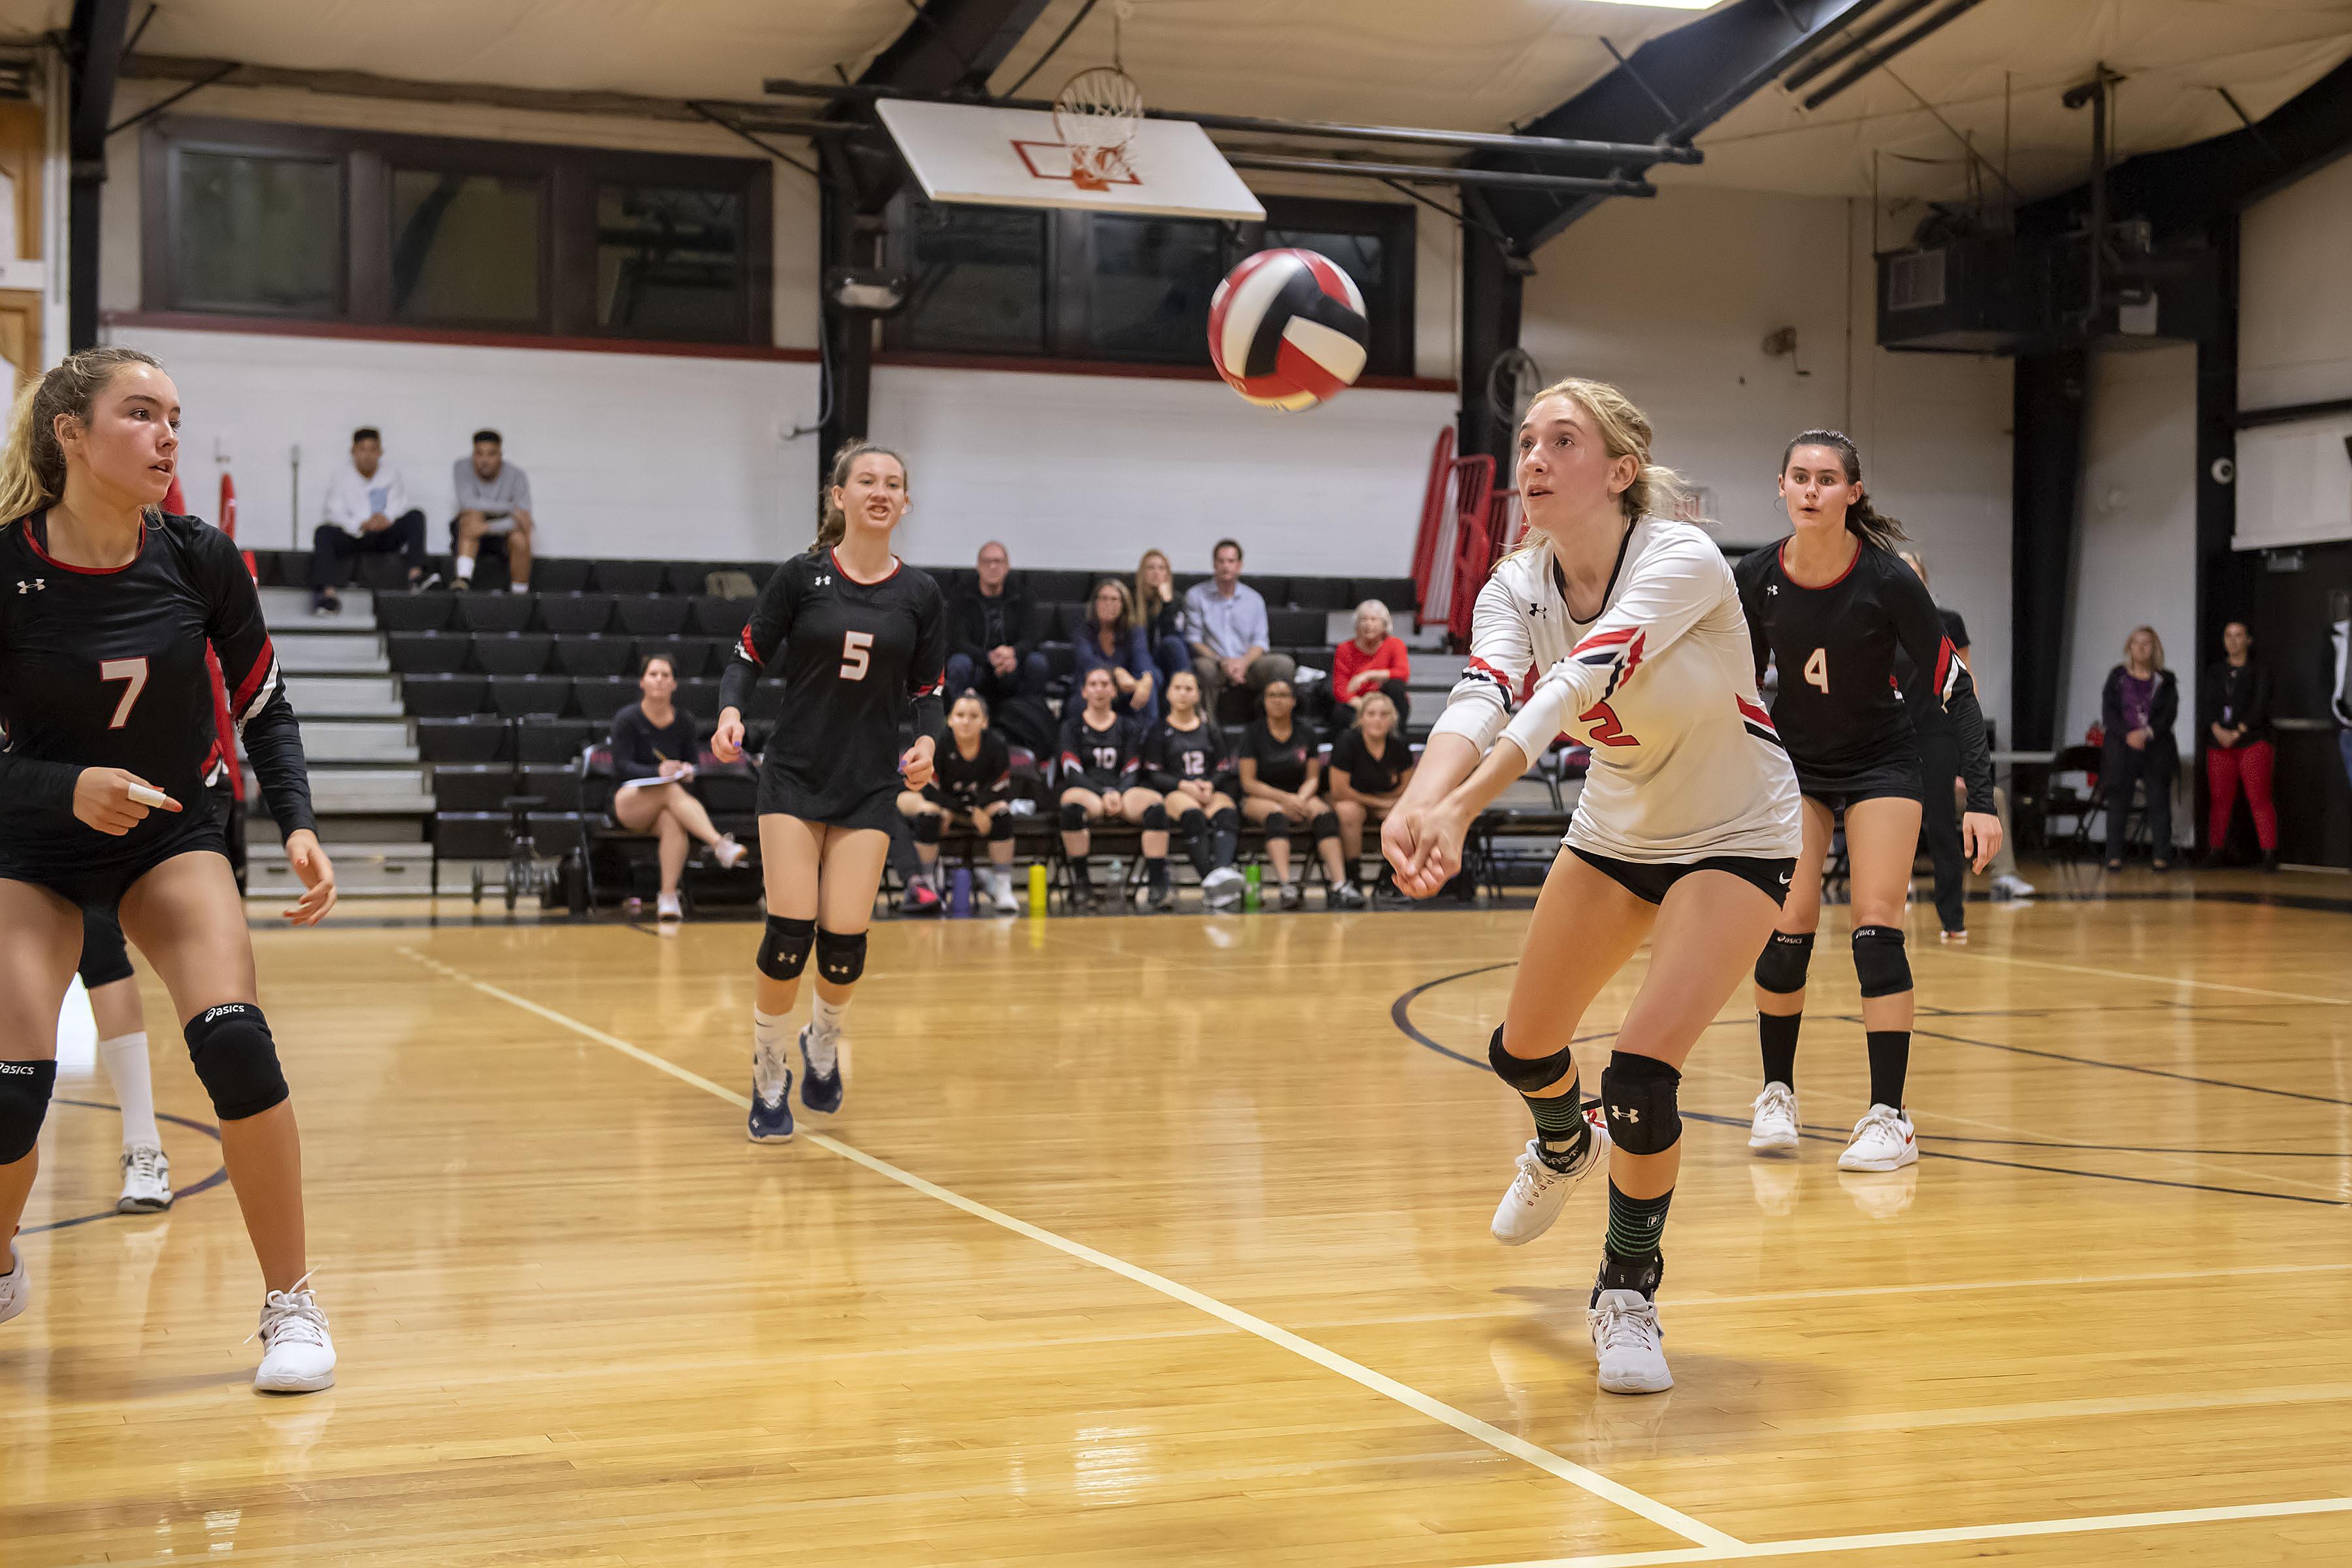 Pierson senior Olivia Cassone gets to a ball.